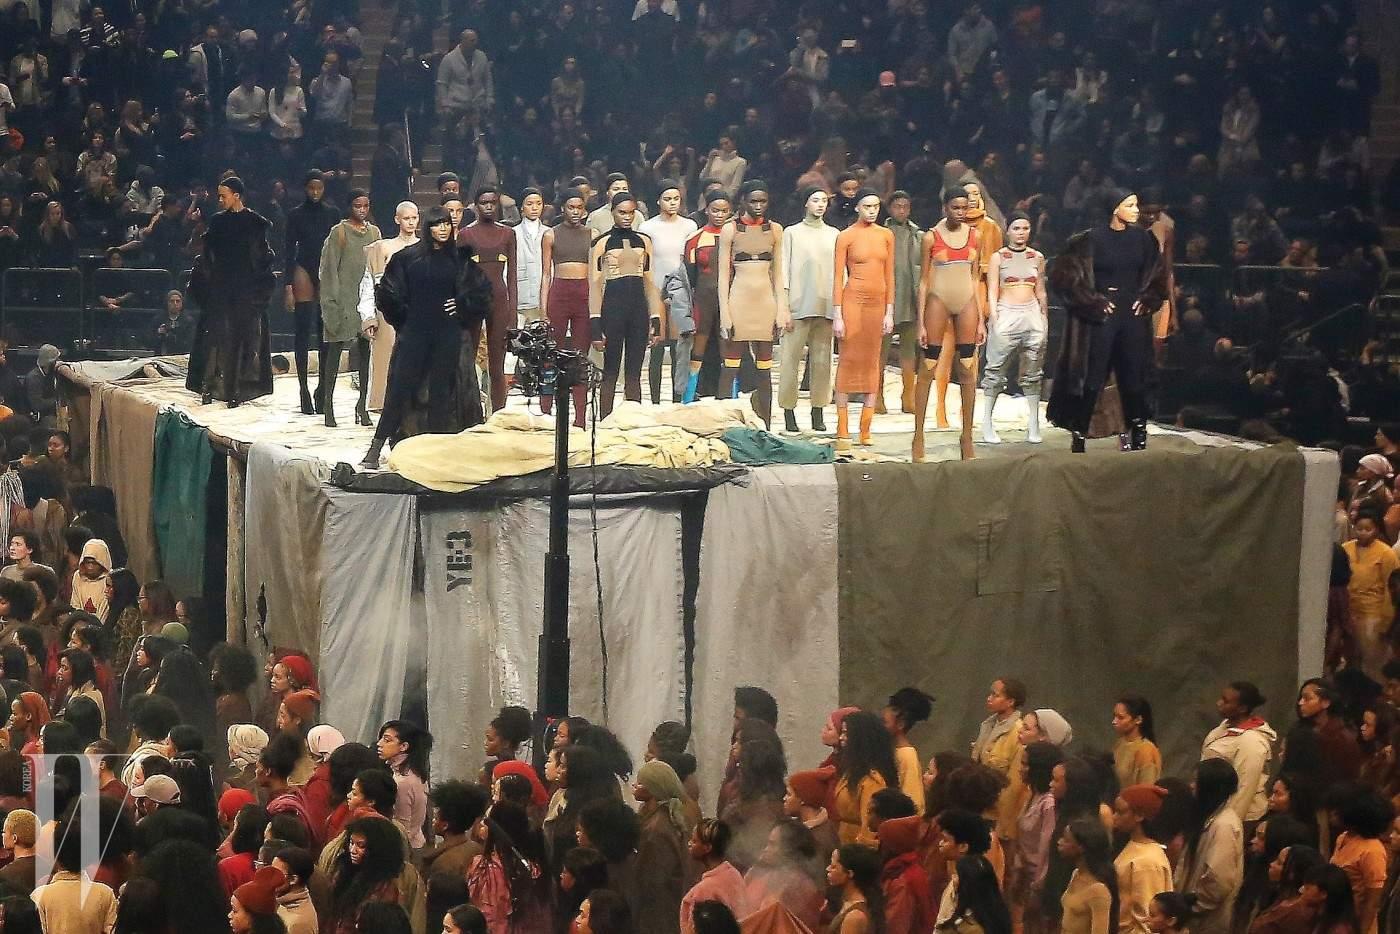 2016년 2월 뉴욕 매디슨 스퀘어 가든에서 열린 카니예 웨스트의 이지 시즌3 쇼.